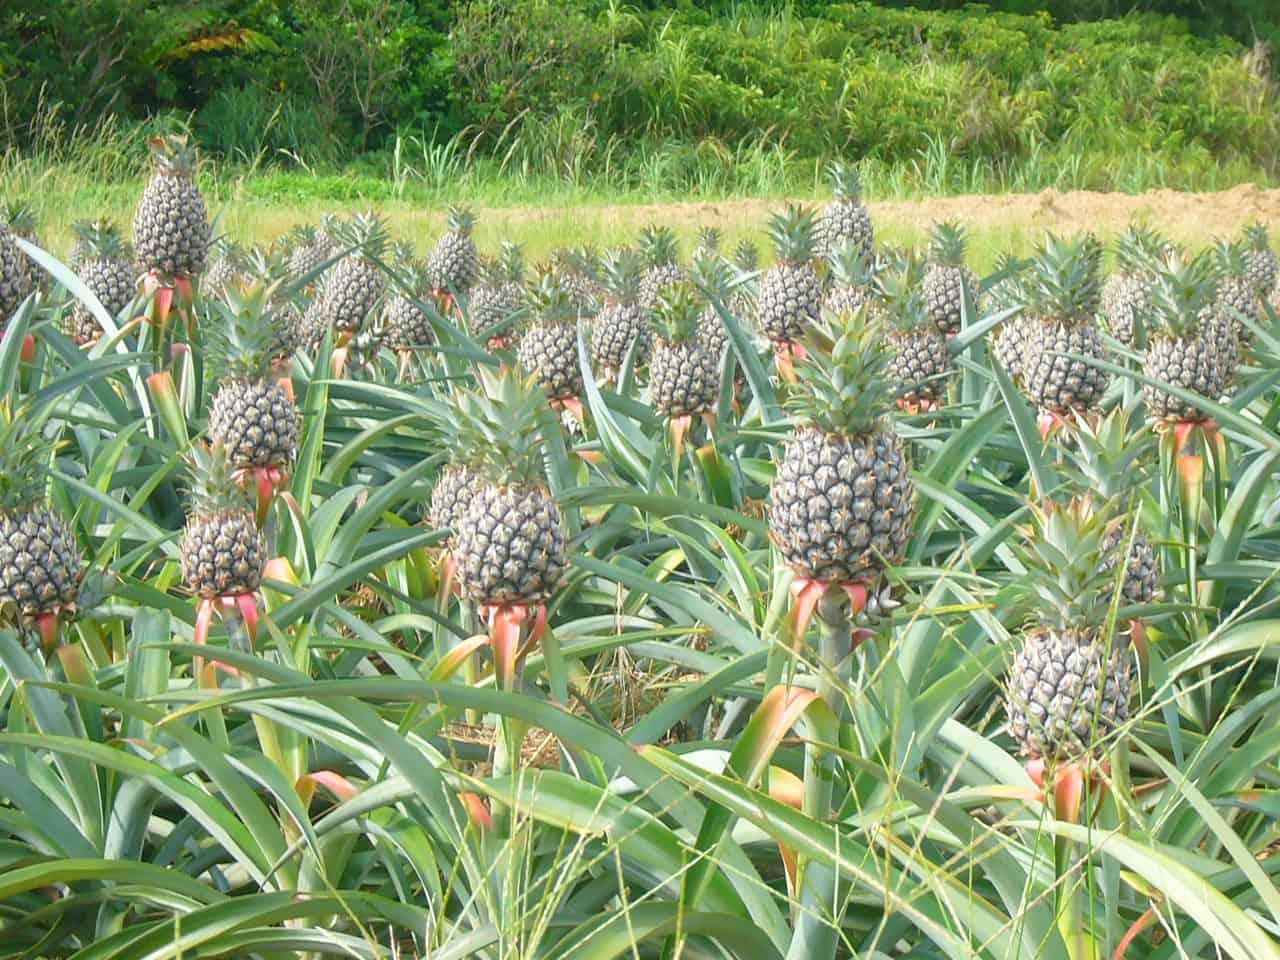 สับปะรดที่ปลูกบนเกาะโอกินาว่า